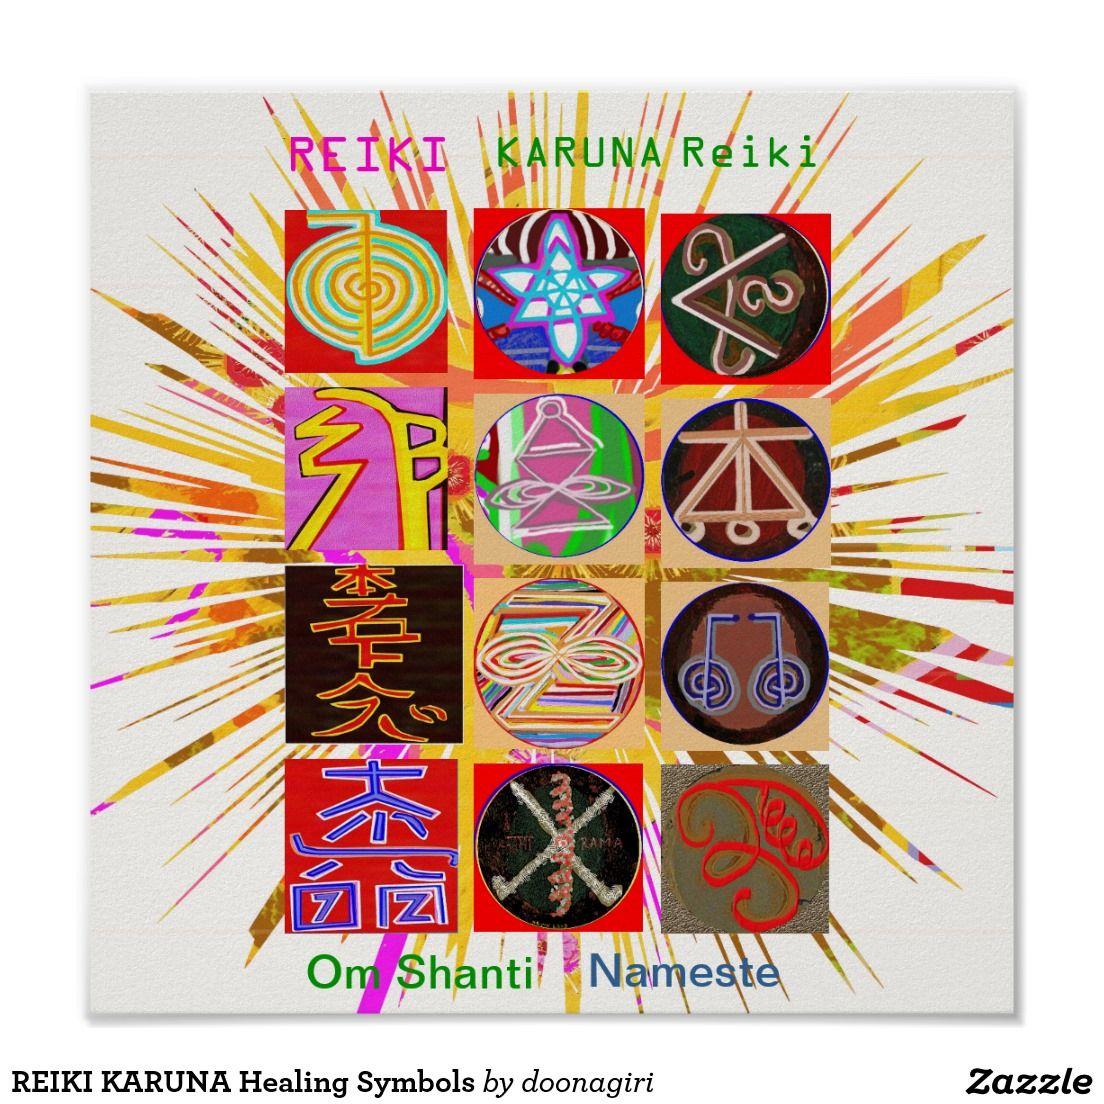 Reiki karuna healing symbols poster symbols reiki karuna healing symbols poster biocorpaavc